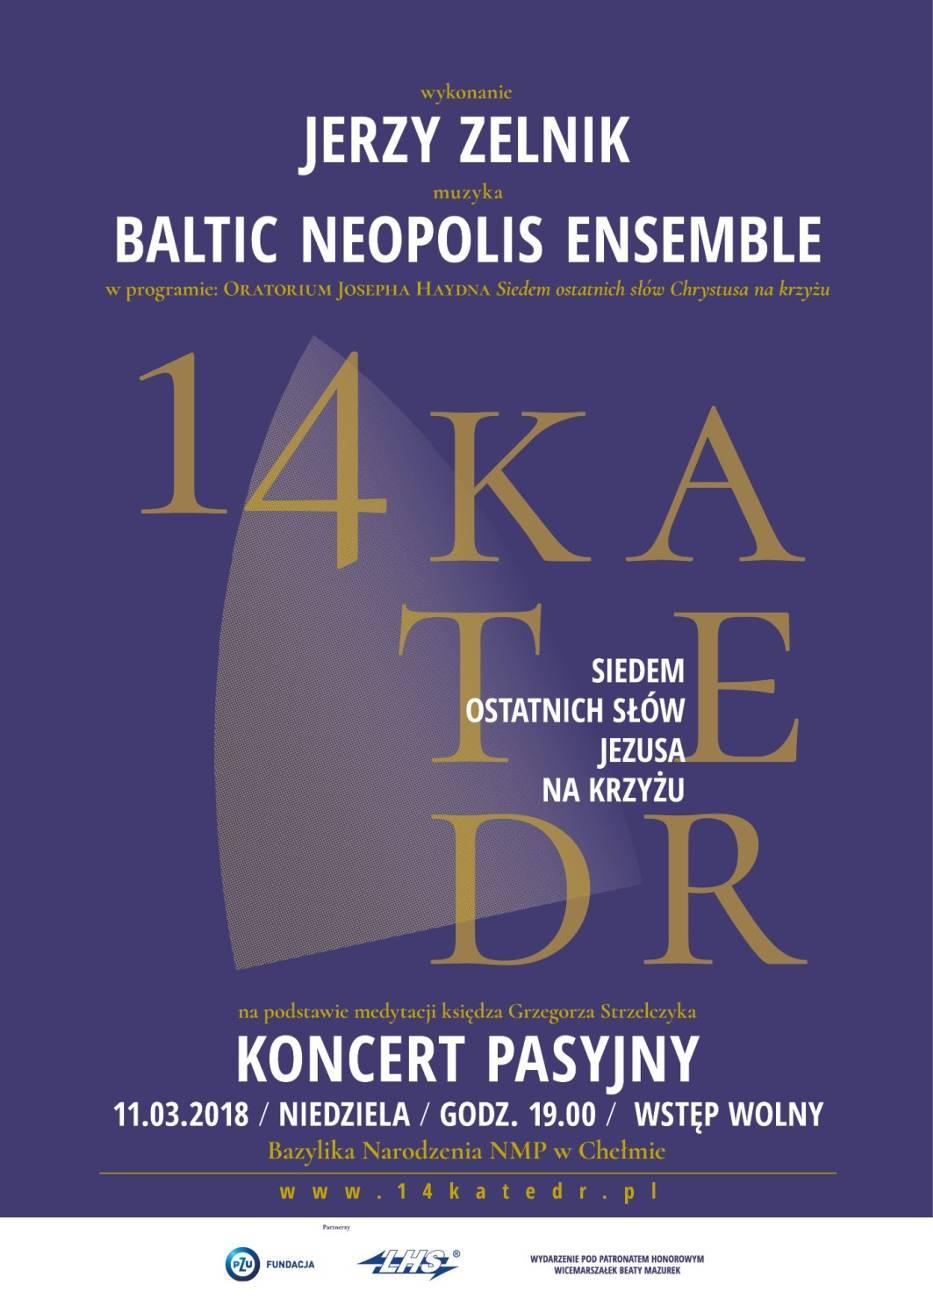 Chełm. Koncert Pasyjny 14 Katedr w wykonaniu Jerzego Zelnika i Baltic Neopolis Ensemble